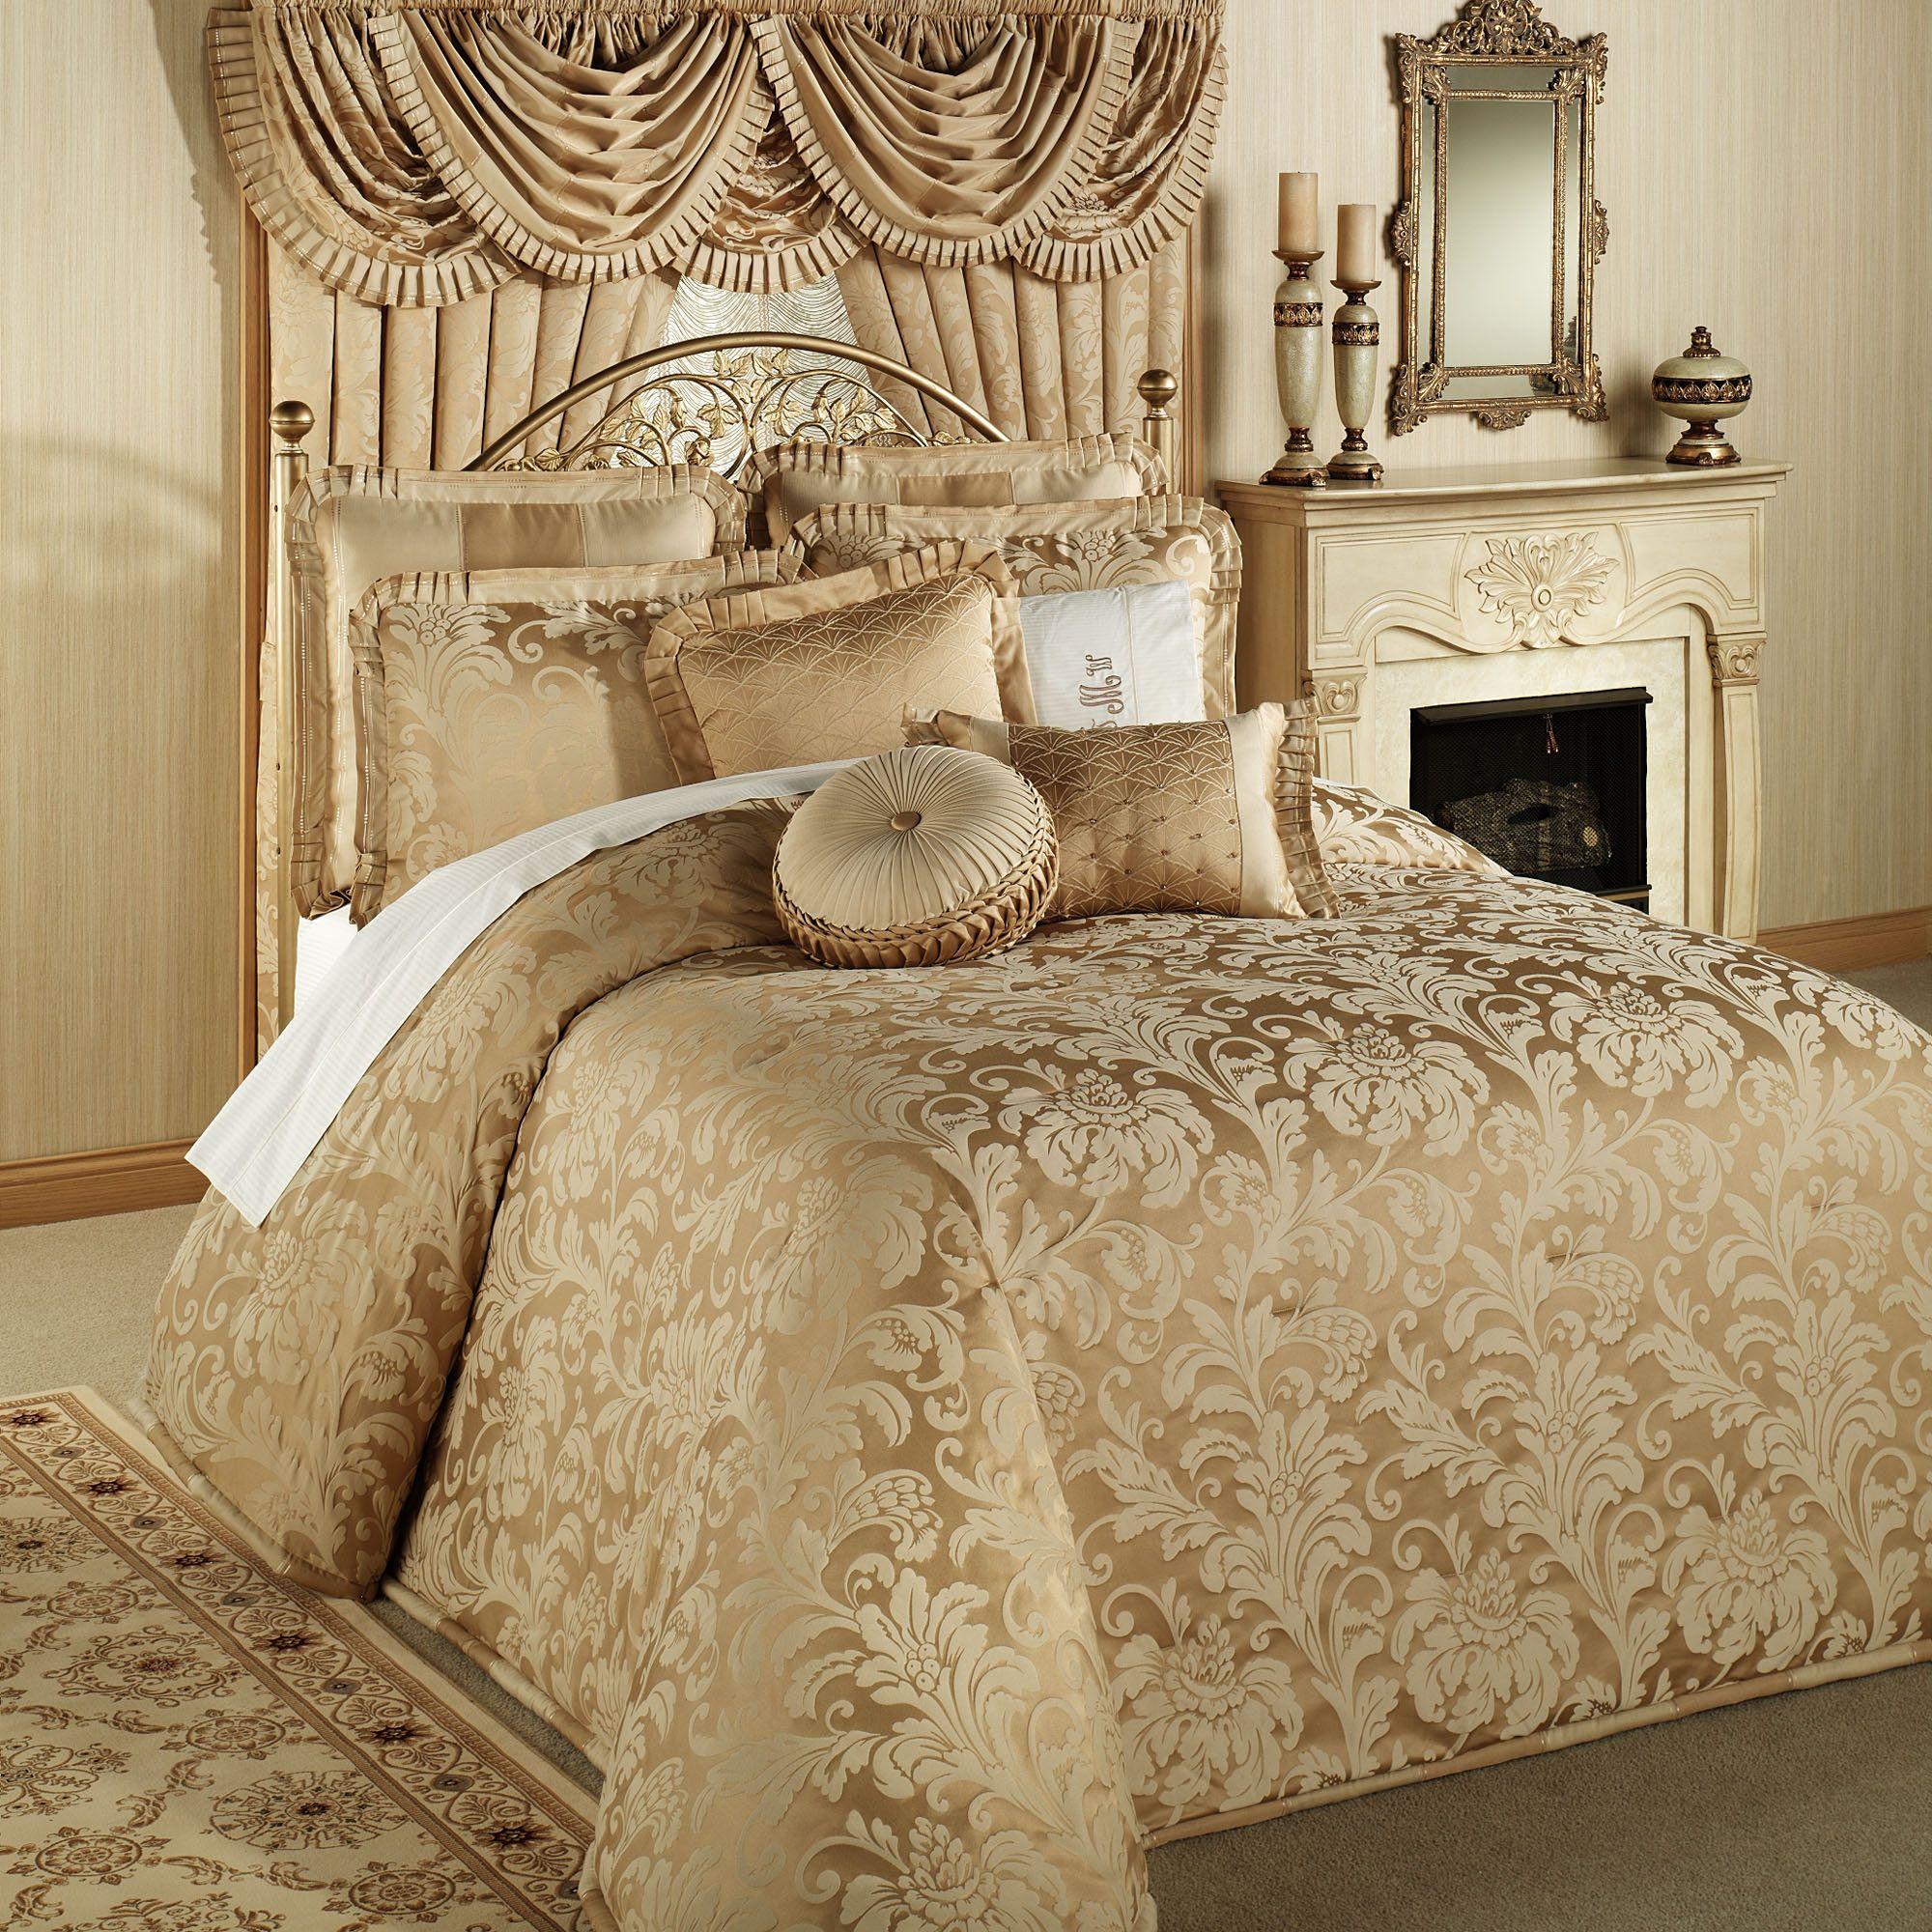 Regent Gold Oversized Bedspread Bedding | King size bedroom sets